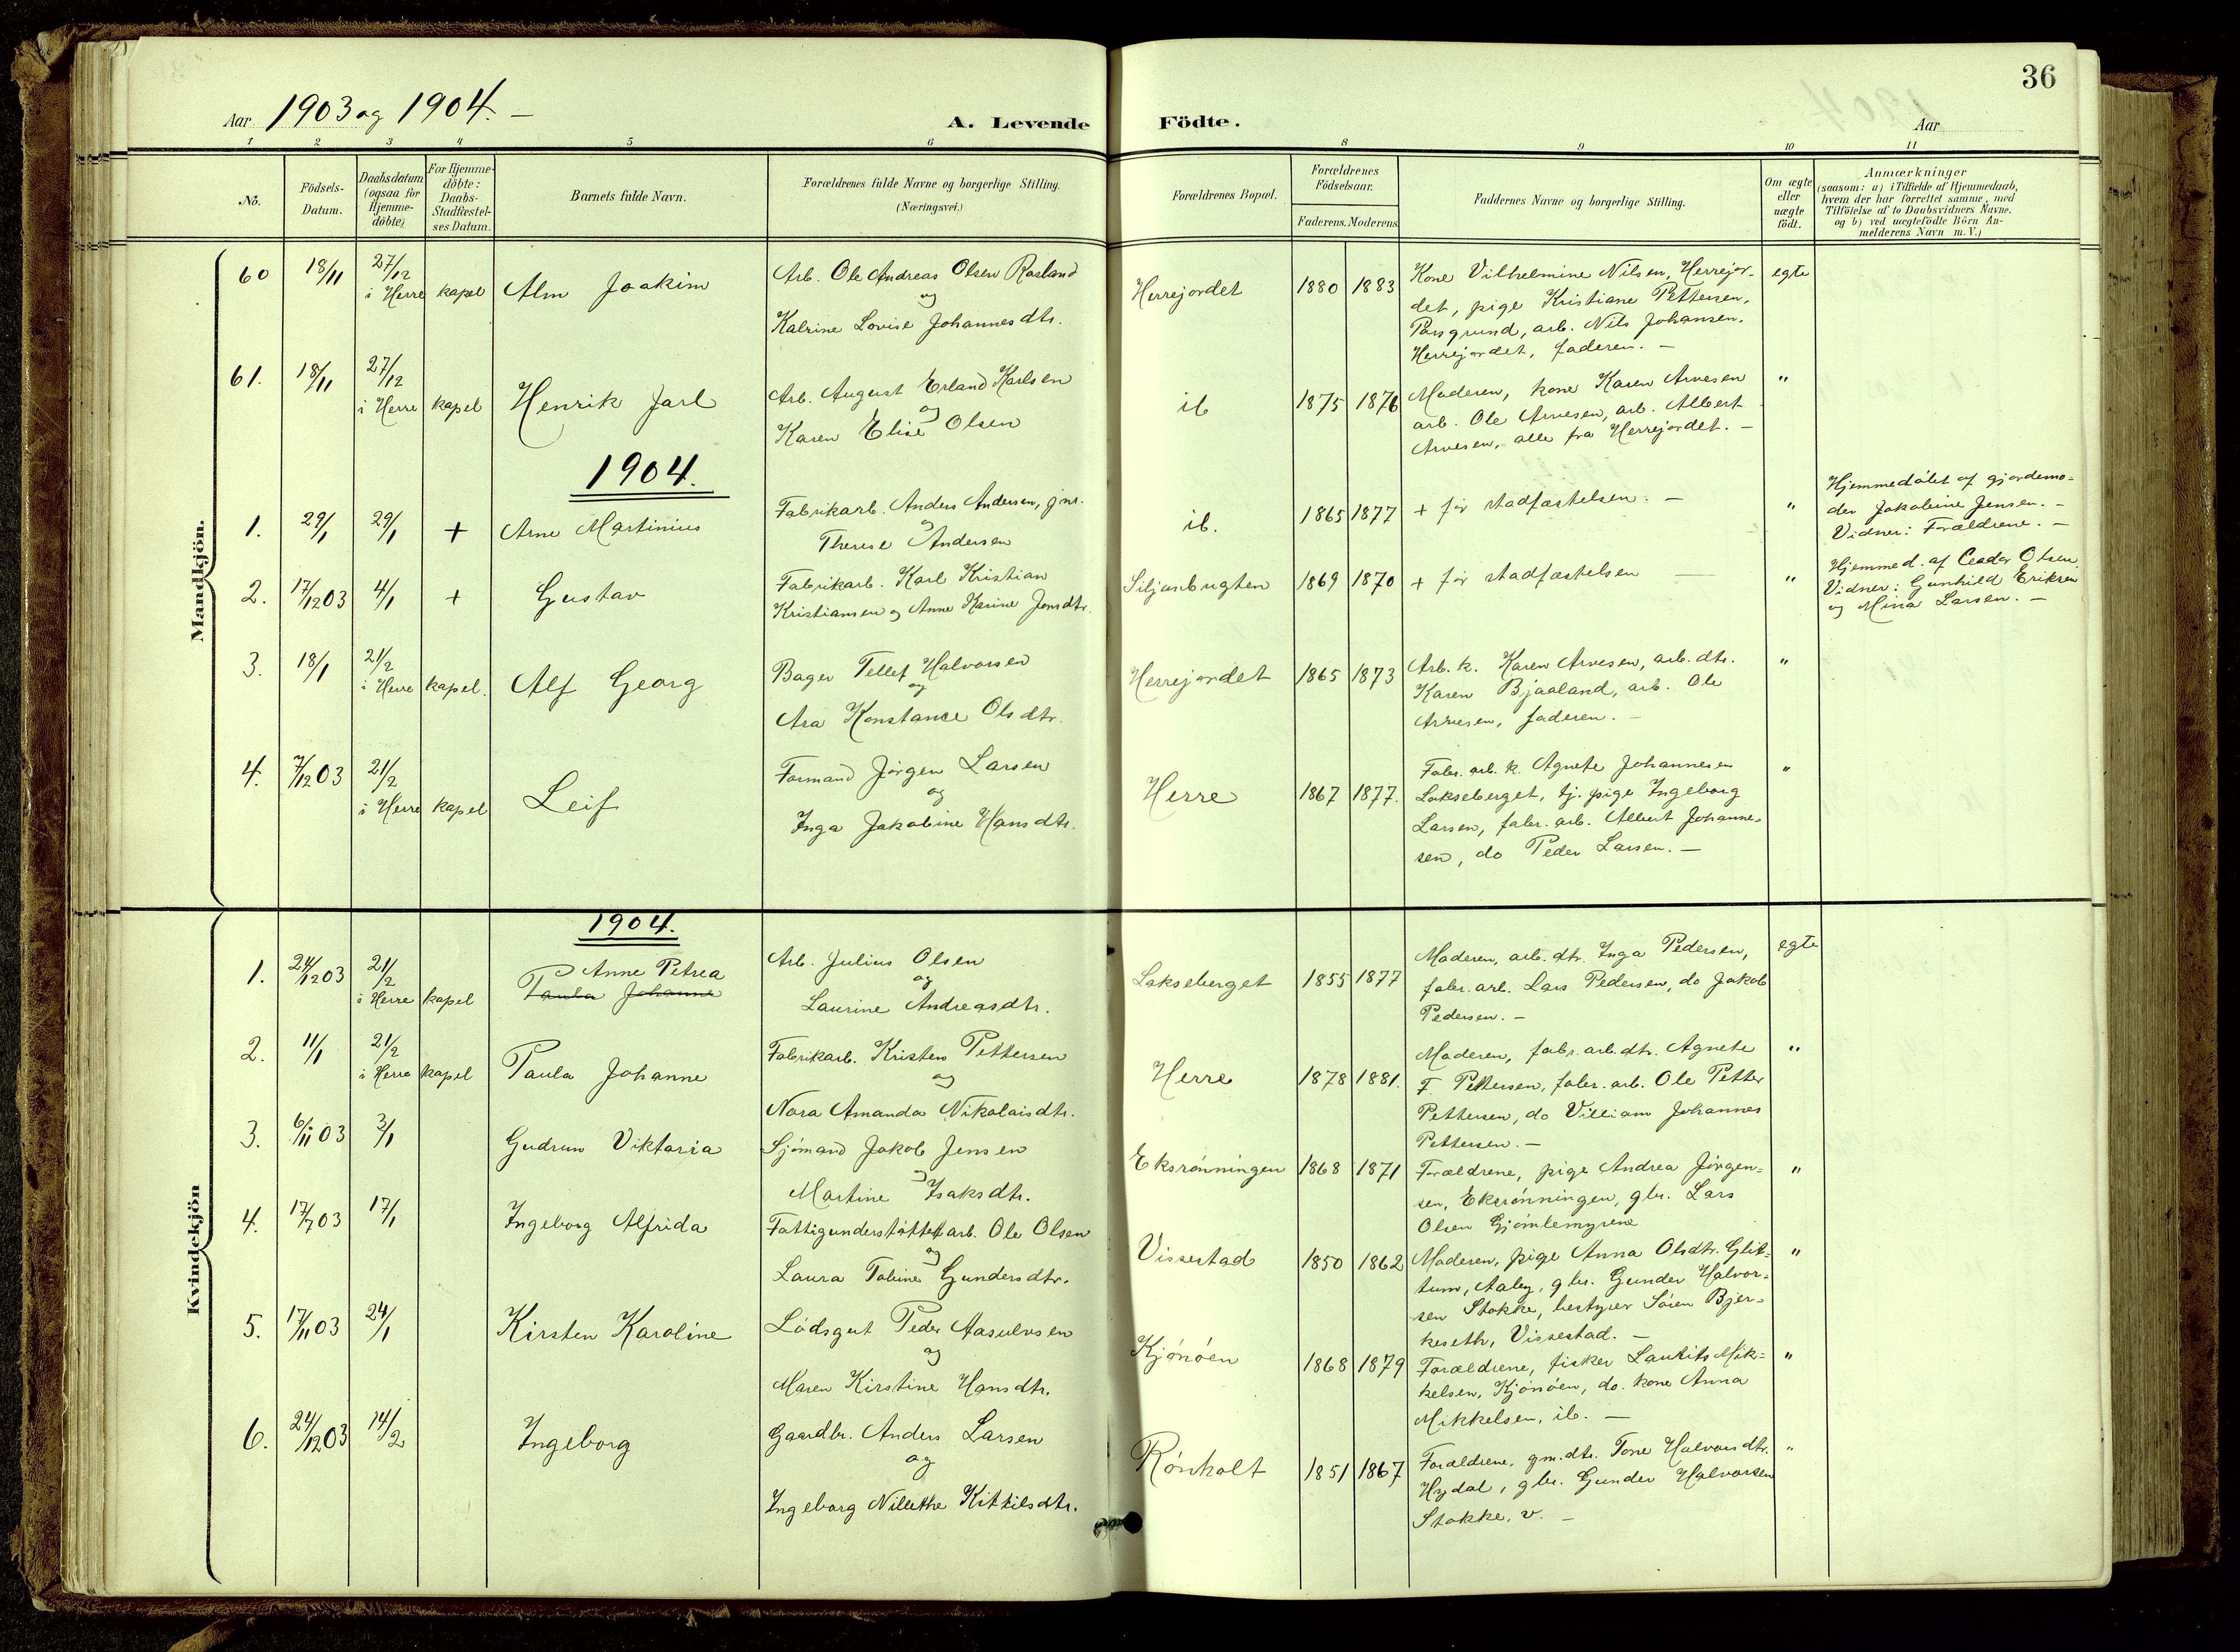 SAKO, Bamble kirkebøker, G/Ga/L0010: Klokkerbok nr. I 10, 1901-1919, s. 36